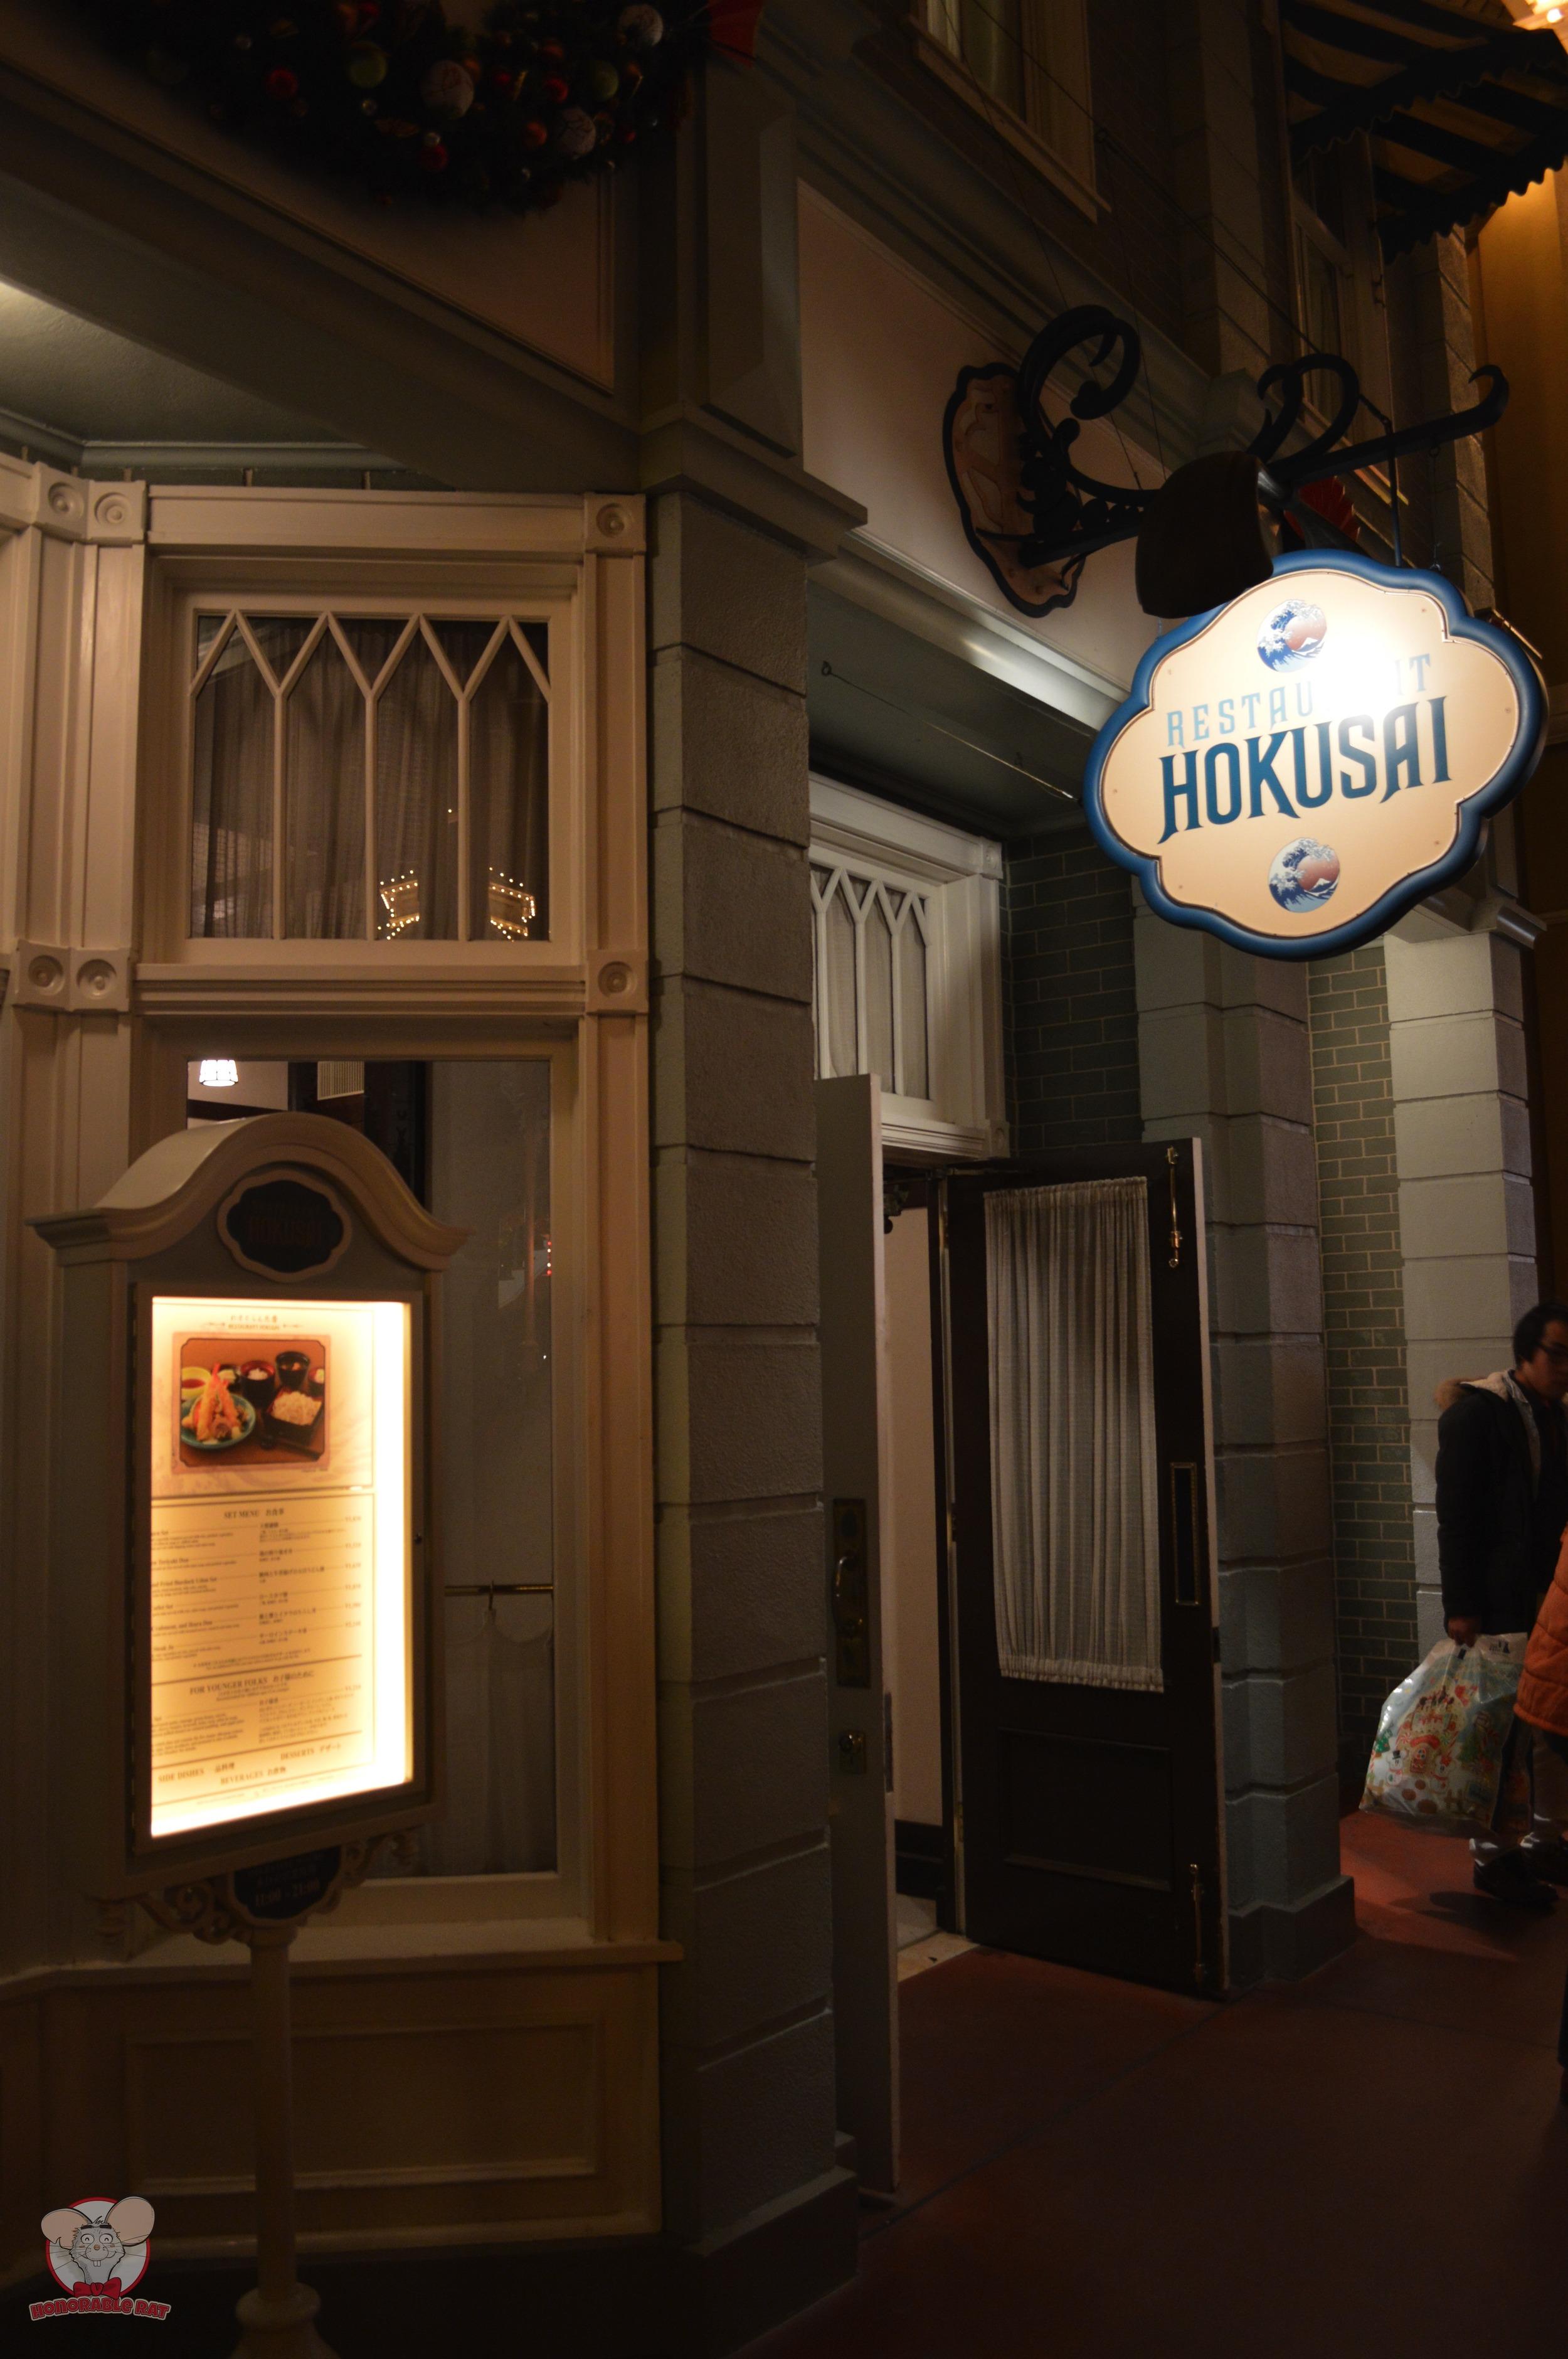 Restaurant Hokusai Exterior